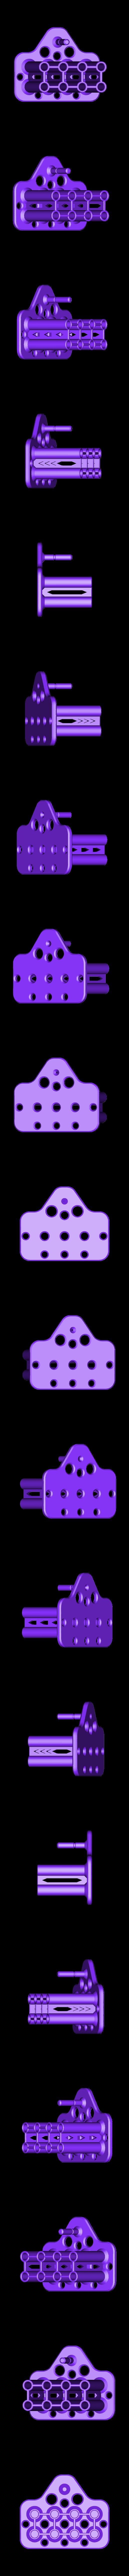 FeloScrewDriverTray_v2.stl Télécharger fichier STL gratuit Plateau pour jeu de tournevis interchangeable • Plan imprimable en 3D, Werthrante